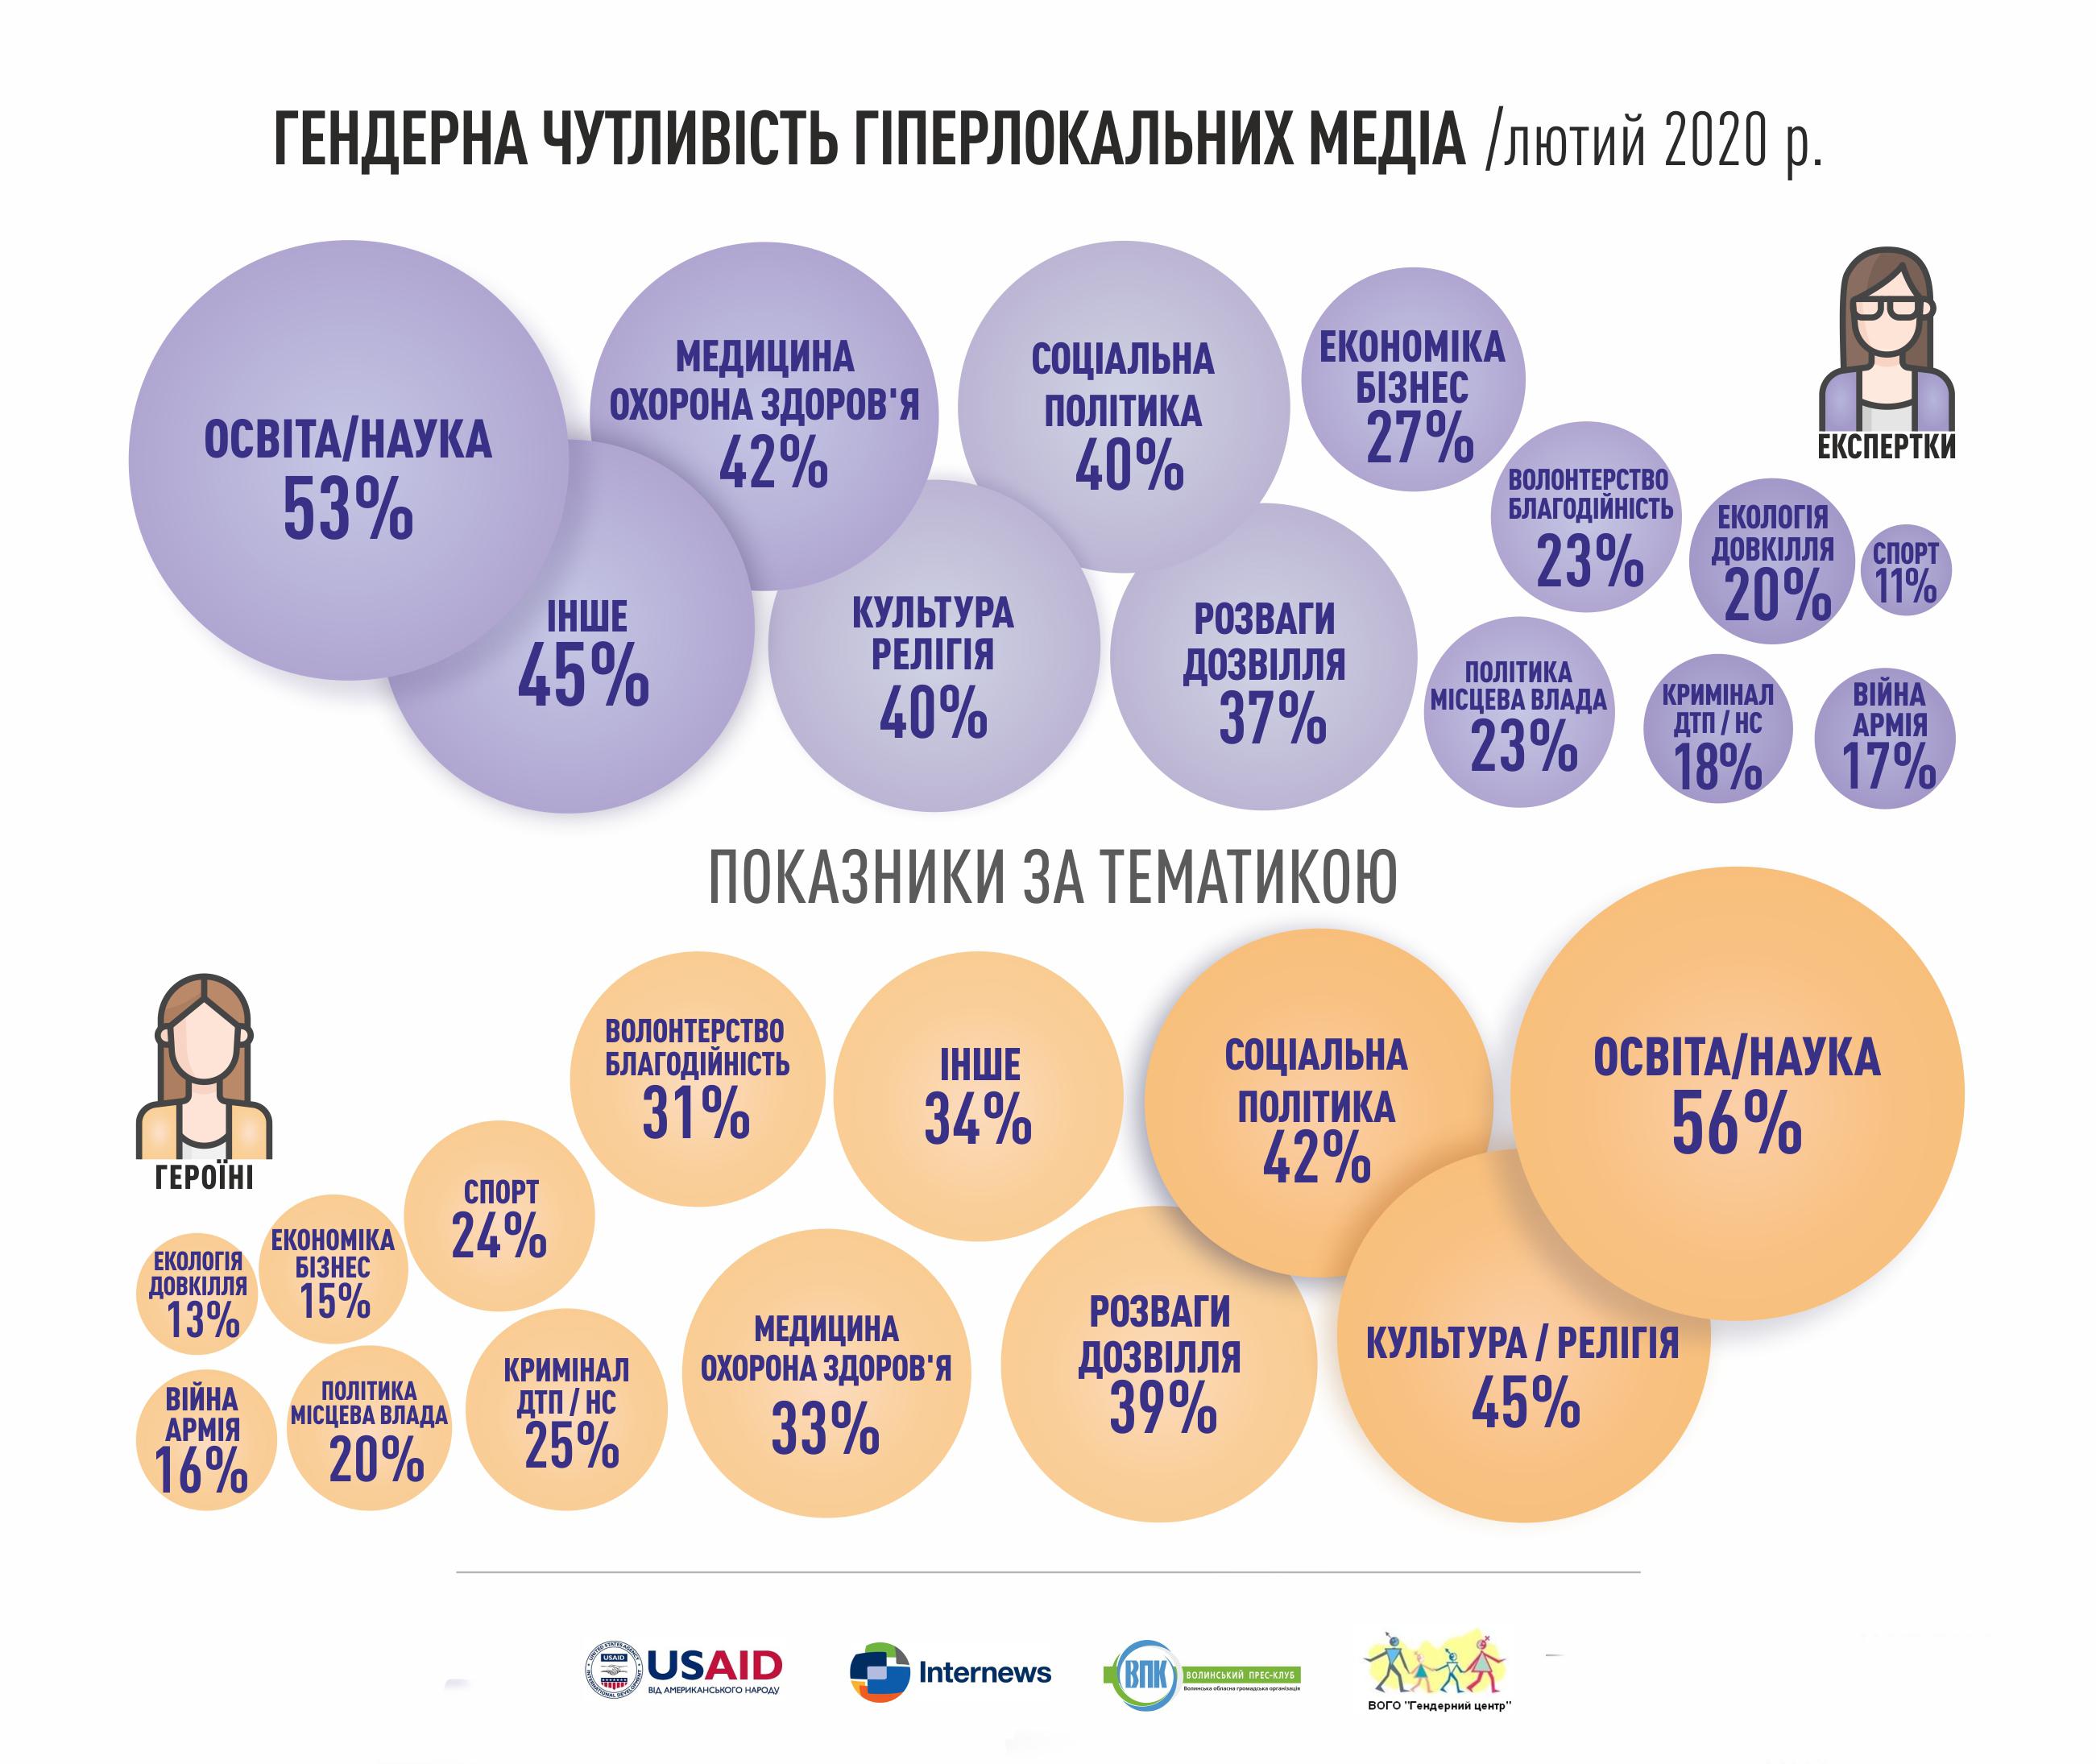 Гендерна чутливість медіа_показники за тематикою